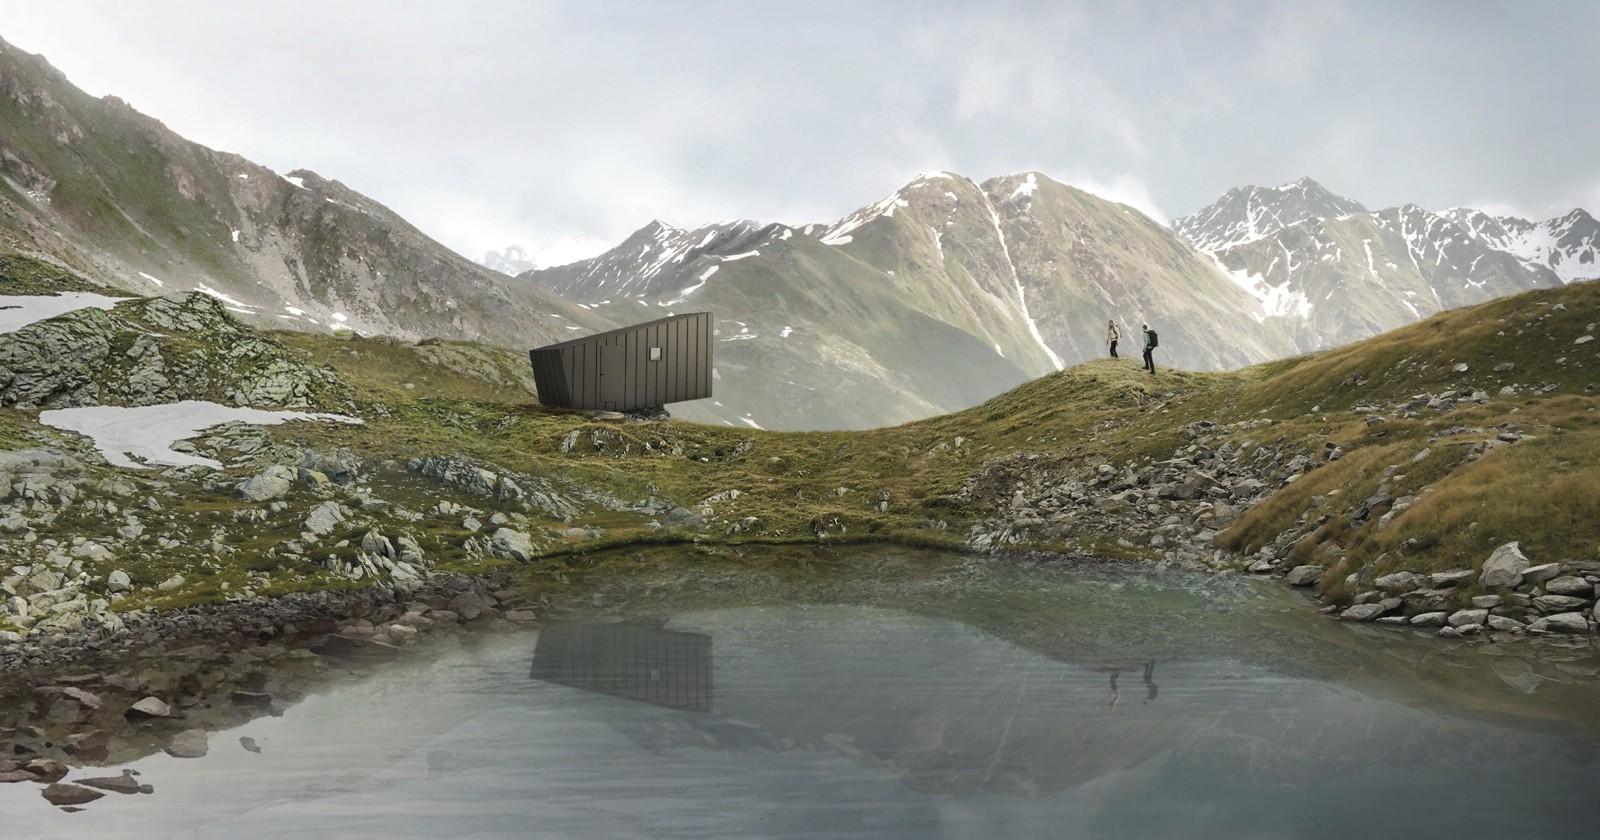 Memoria in dialogo con le cime: il bivacco con vista Gran Paradiso va a tre giovani progettisti